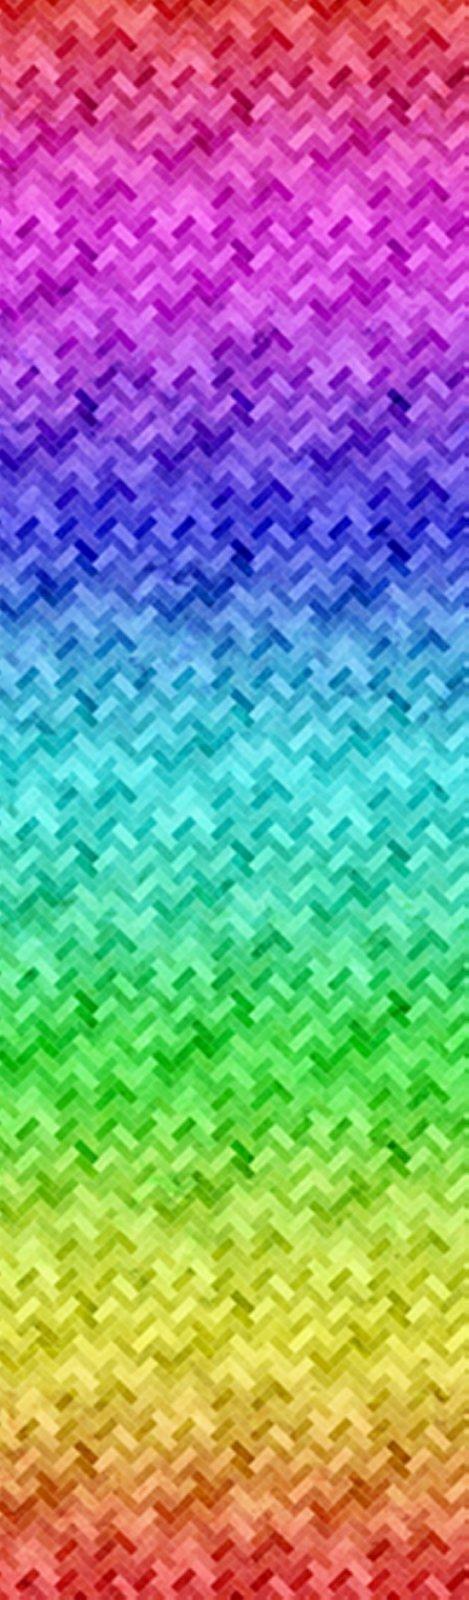 Backsplash R4650-181-Rainbow Backsplash